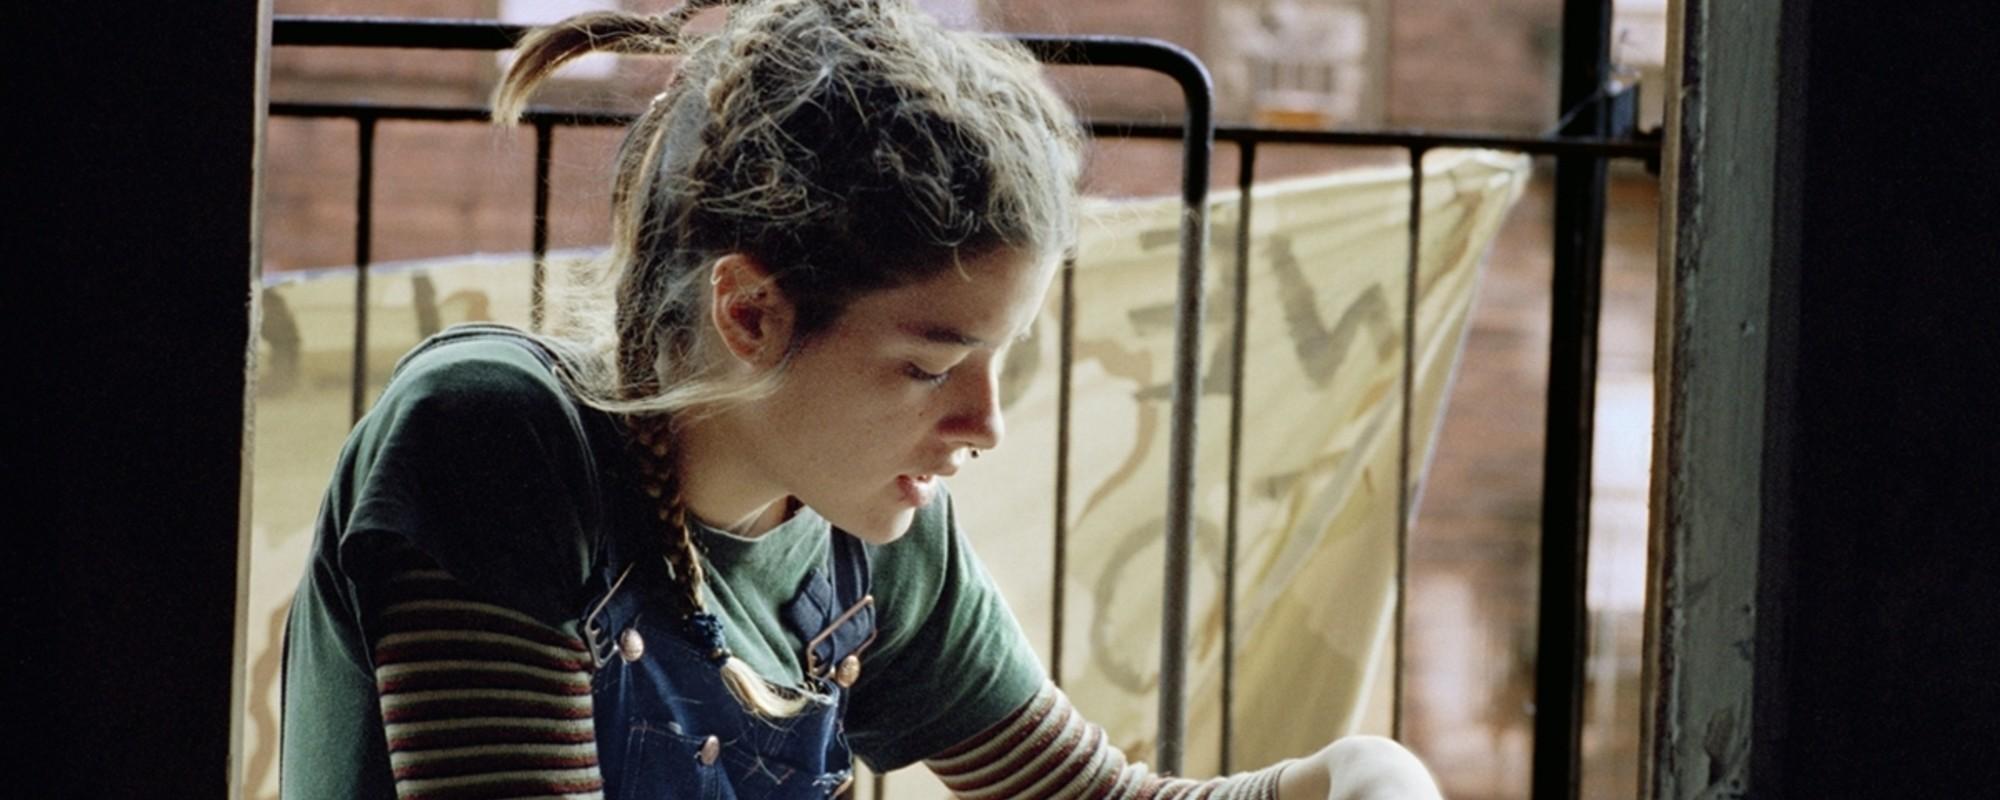 Ιδιαίτερα Punk Πορτραίτα Καταληψιών του Lower East Side από την Δεκαετία του '90